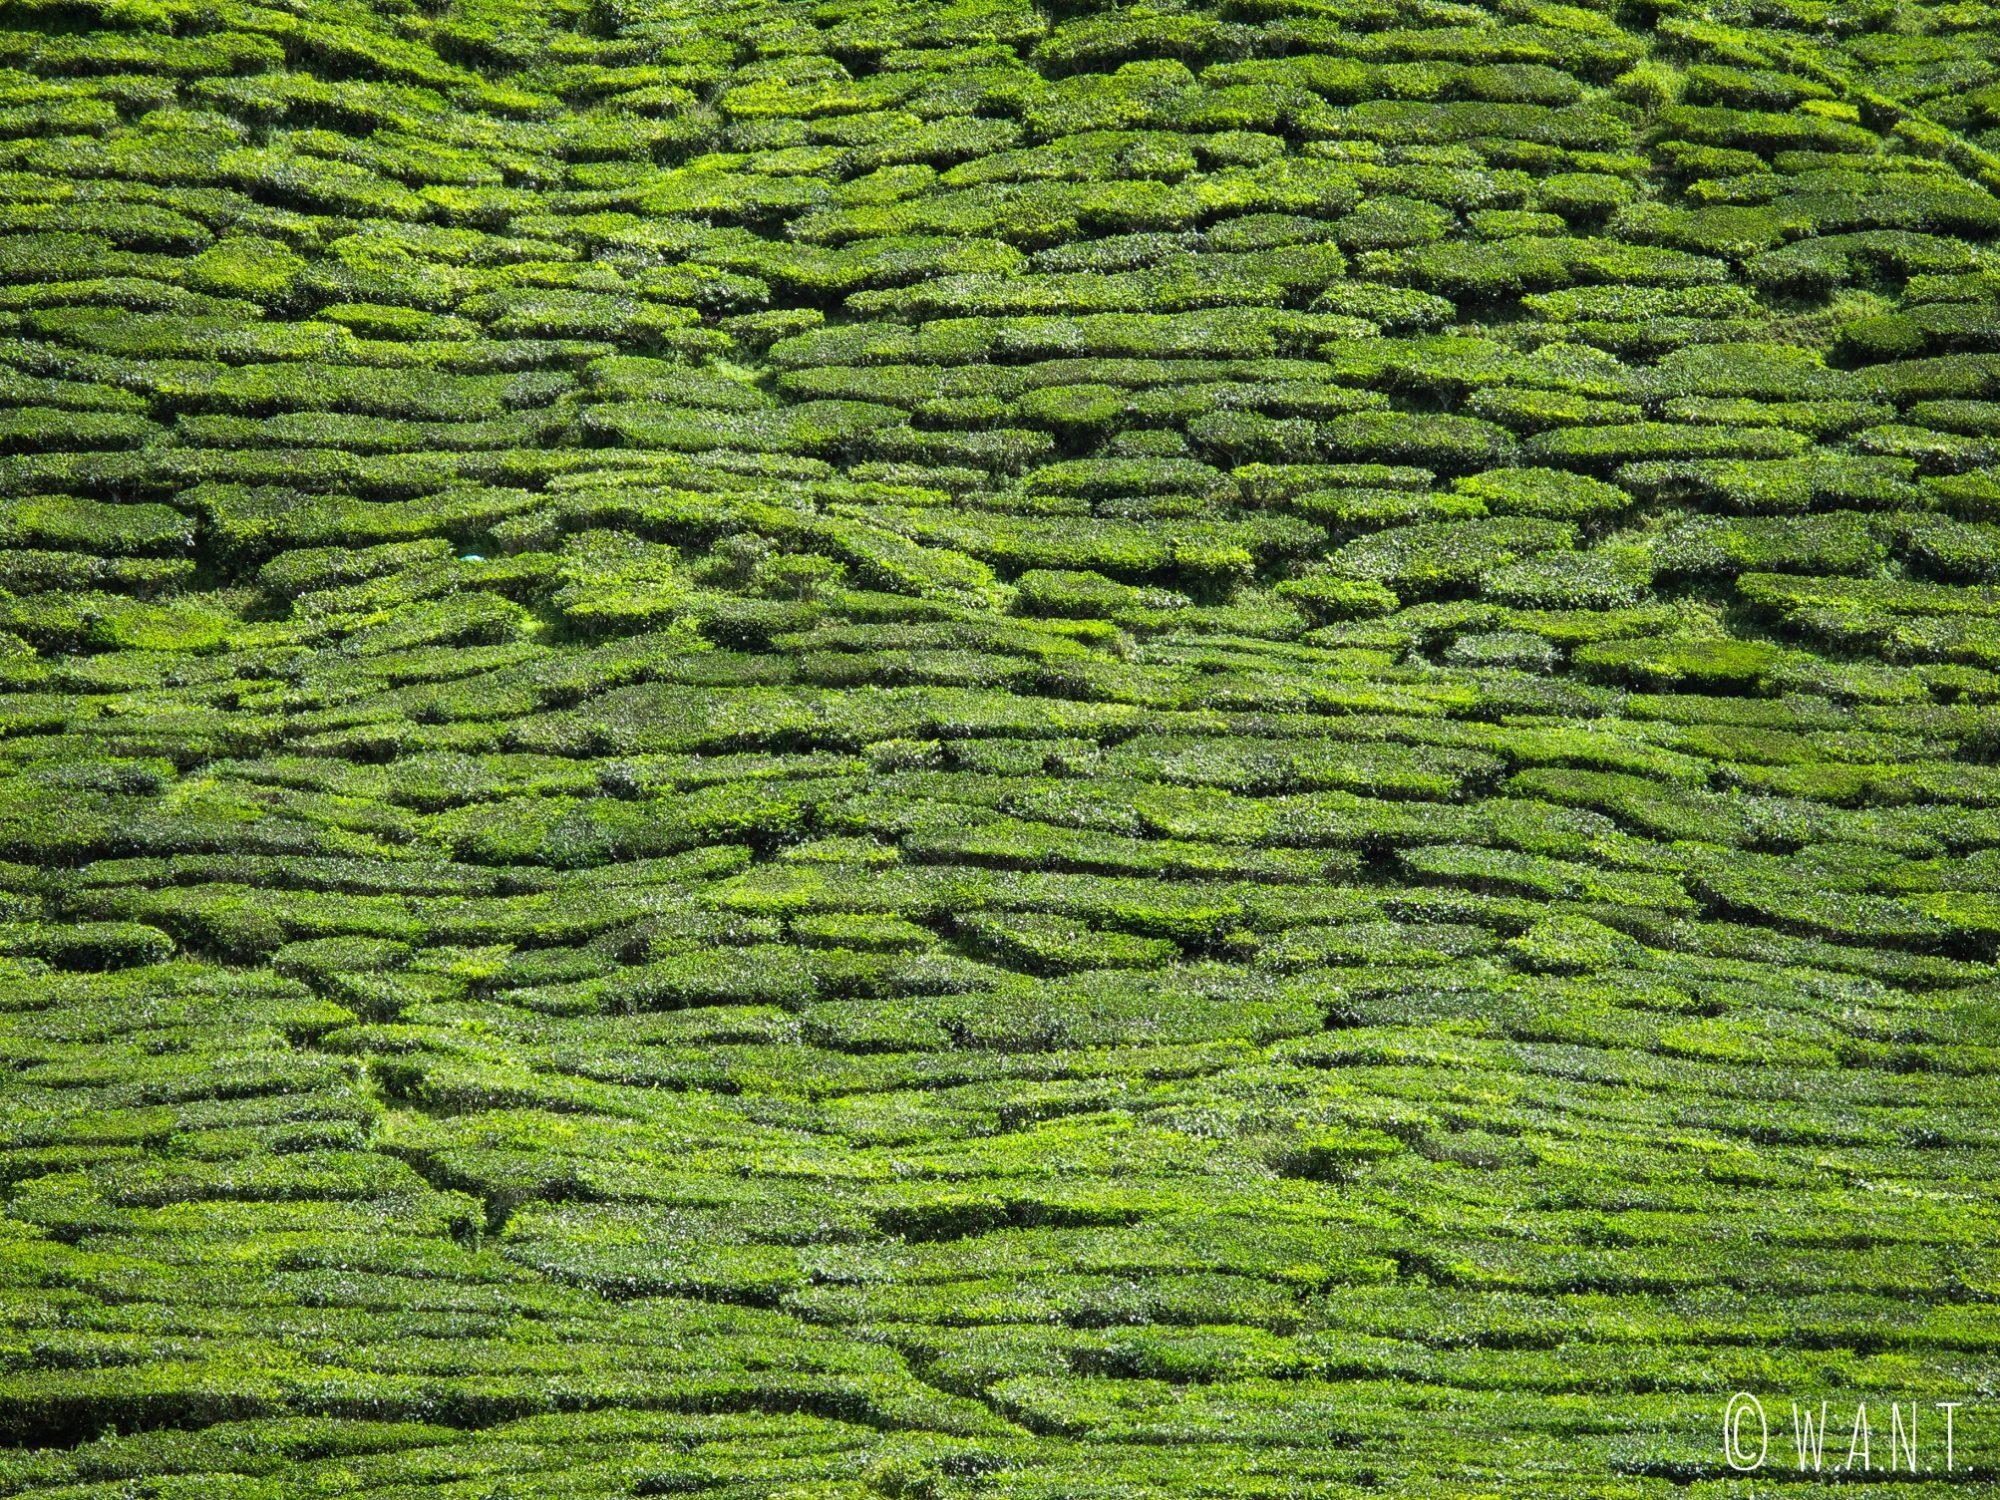 Tapis de plants de thé de la plantation Barath Tea dans les Cameron Highlands